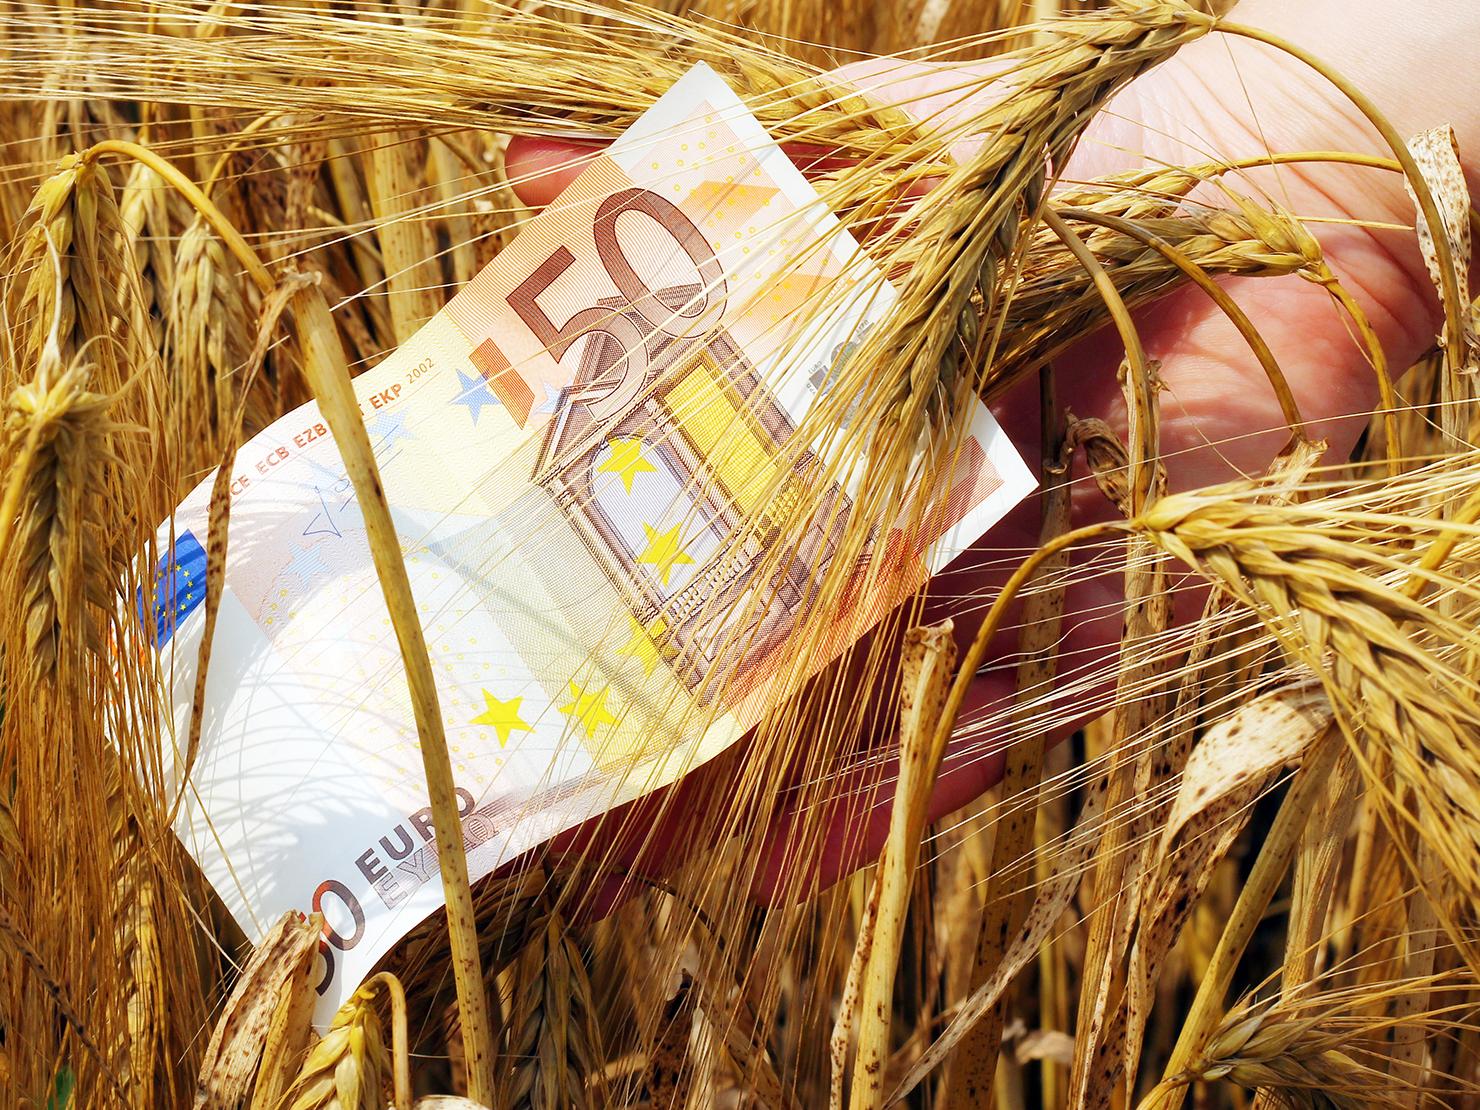 ΟΠΕΚΕΠΕ: Πληρωμές 3,72 εκατ. ευρώ σε δικαιούχους